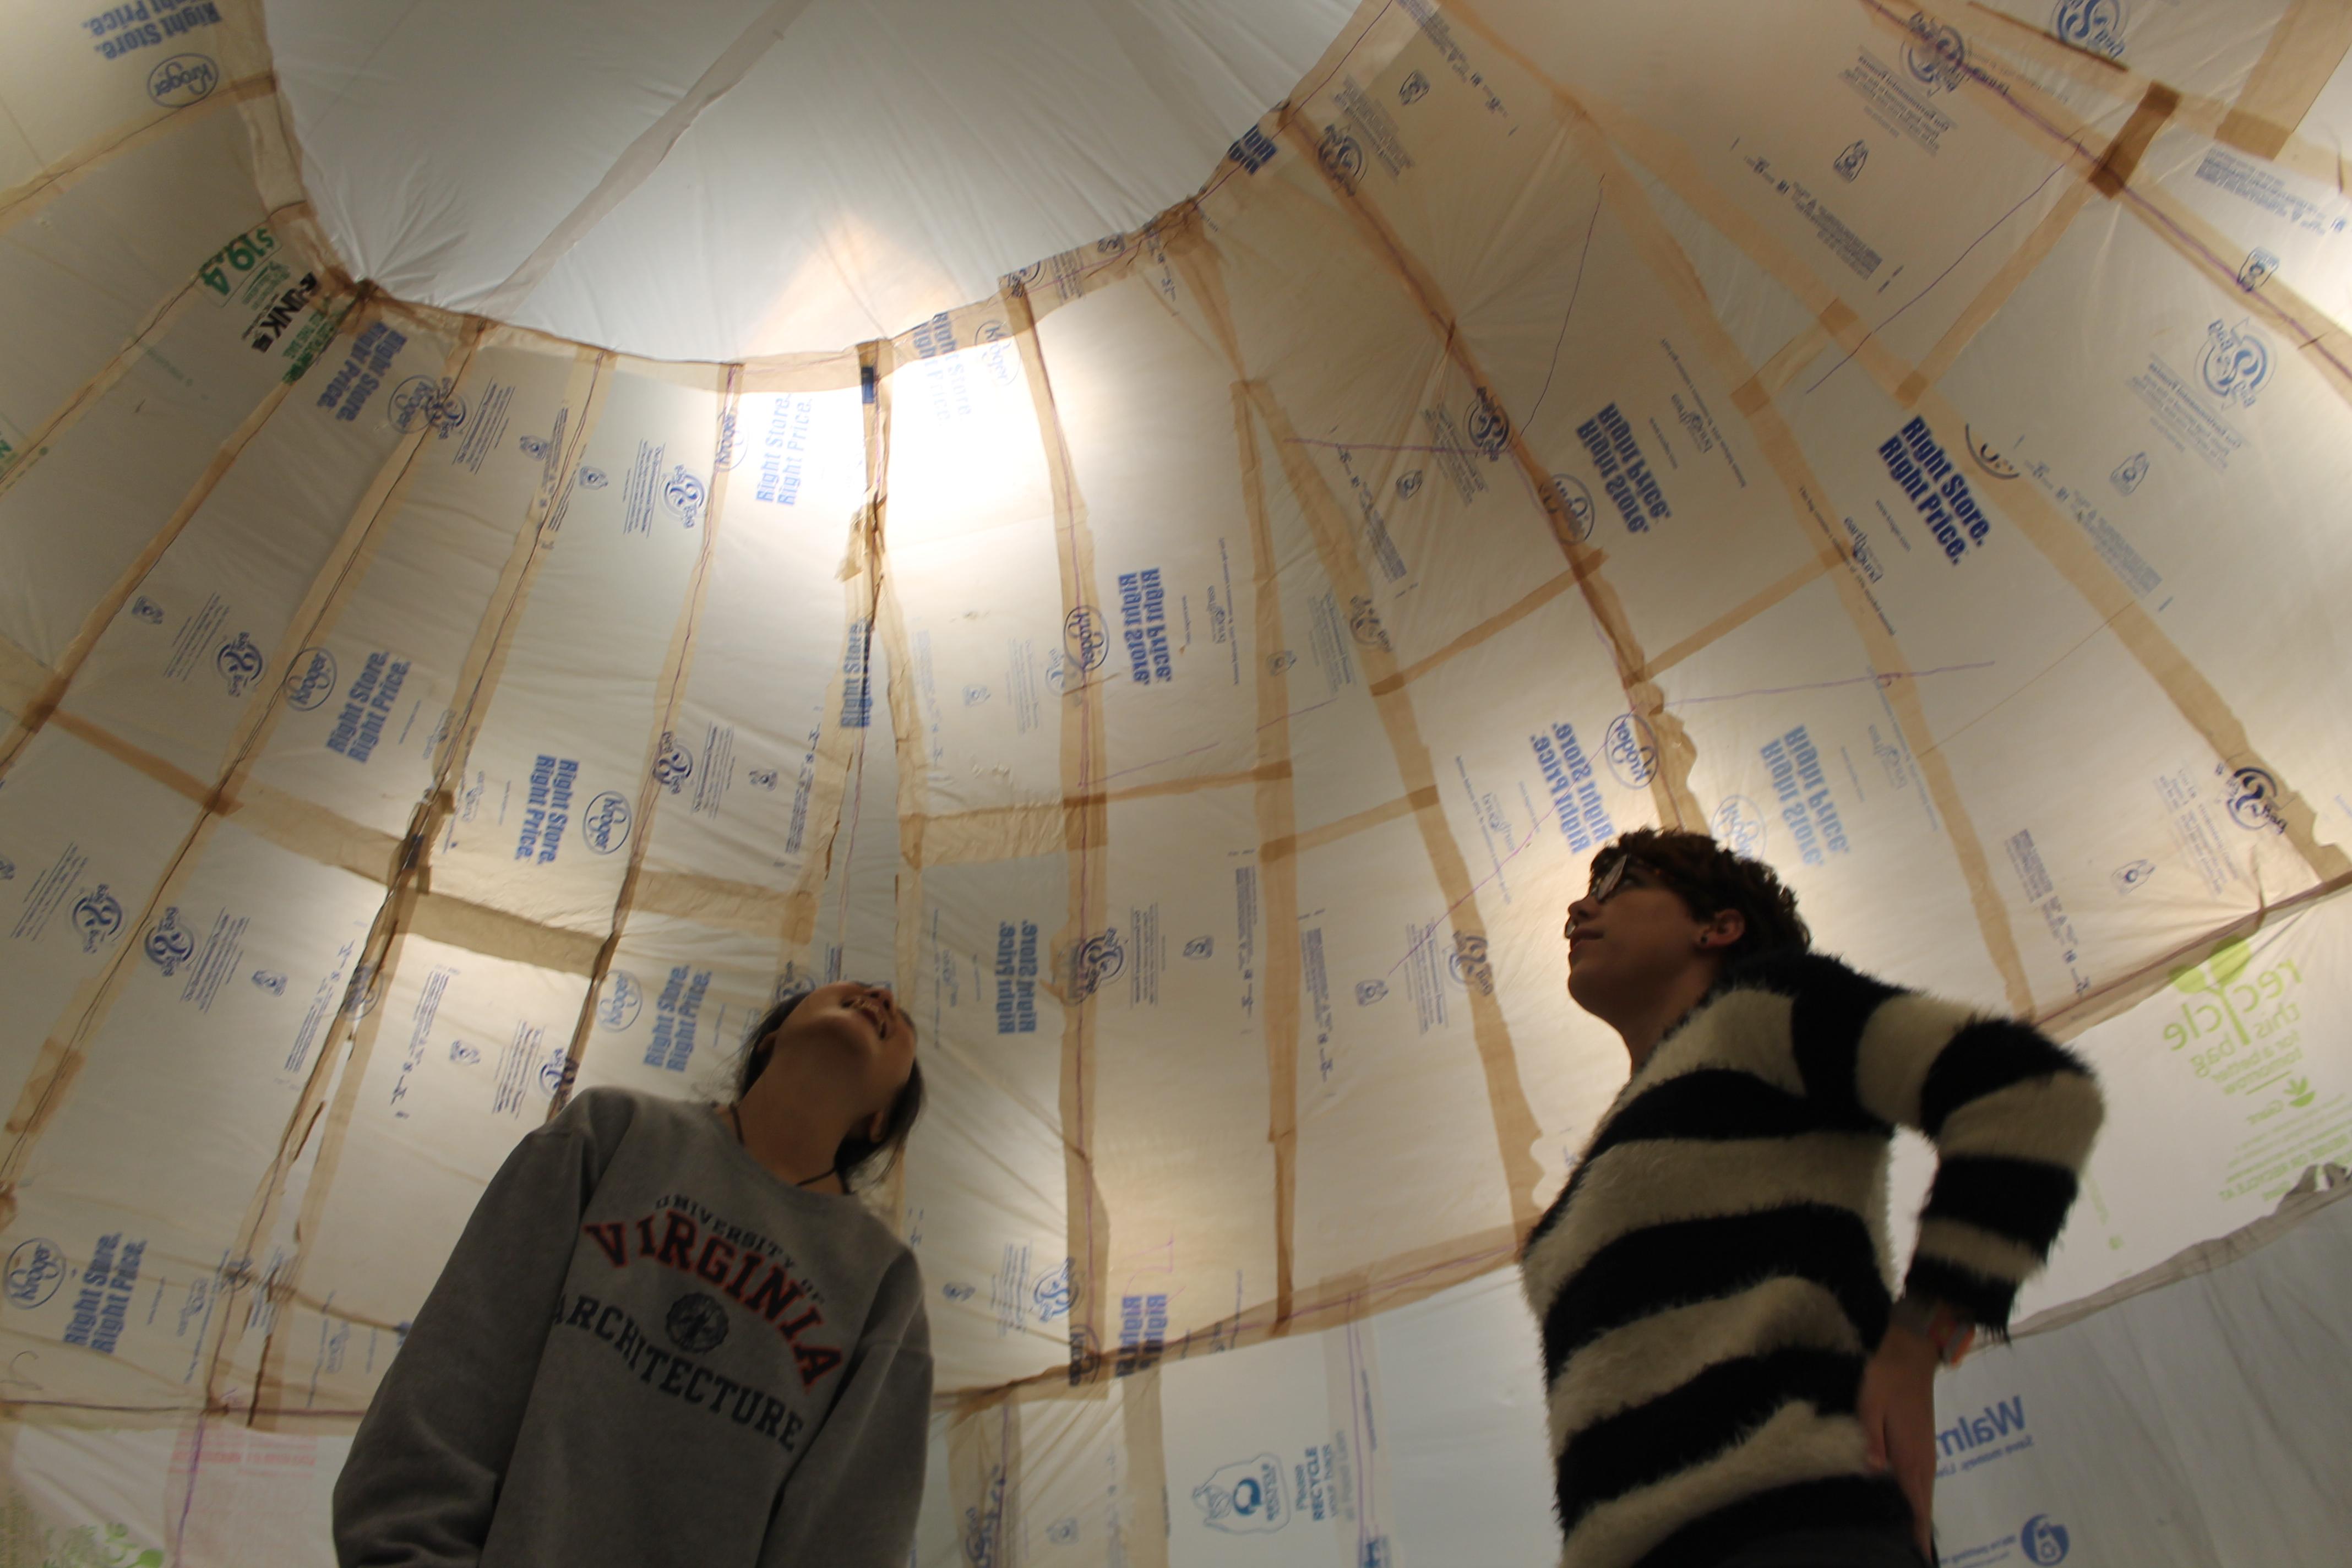 inflatable exhibit